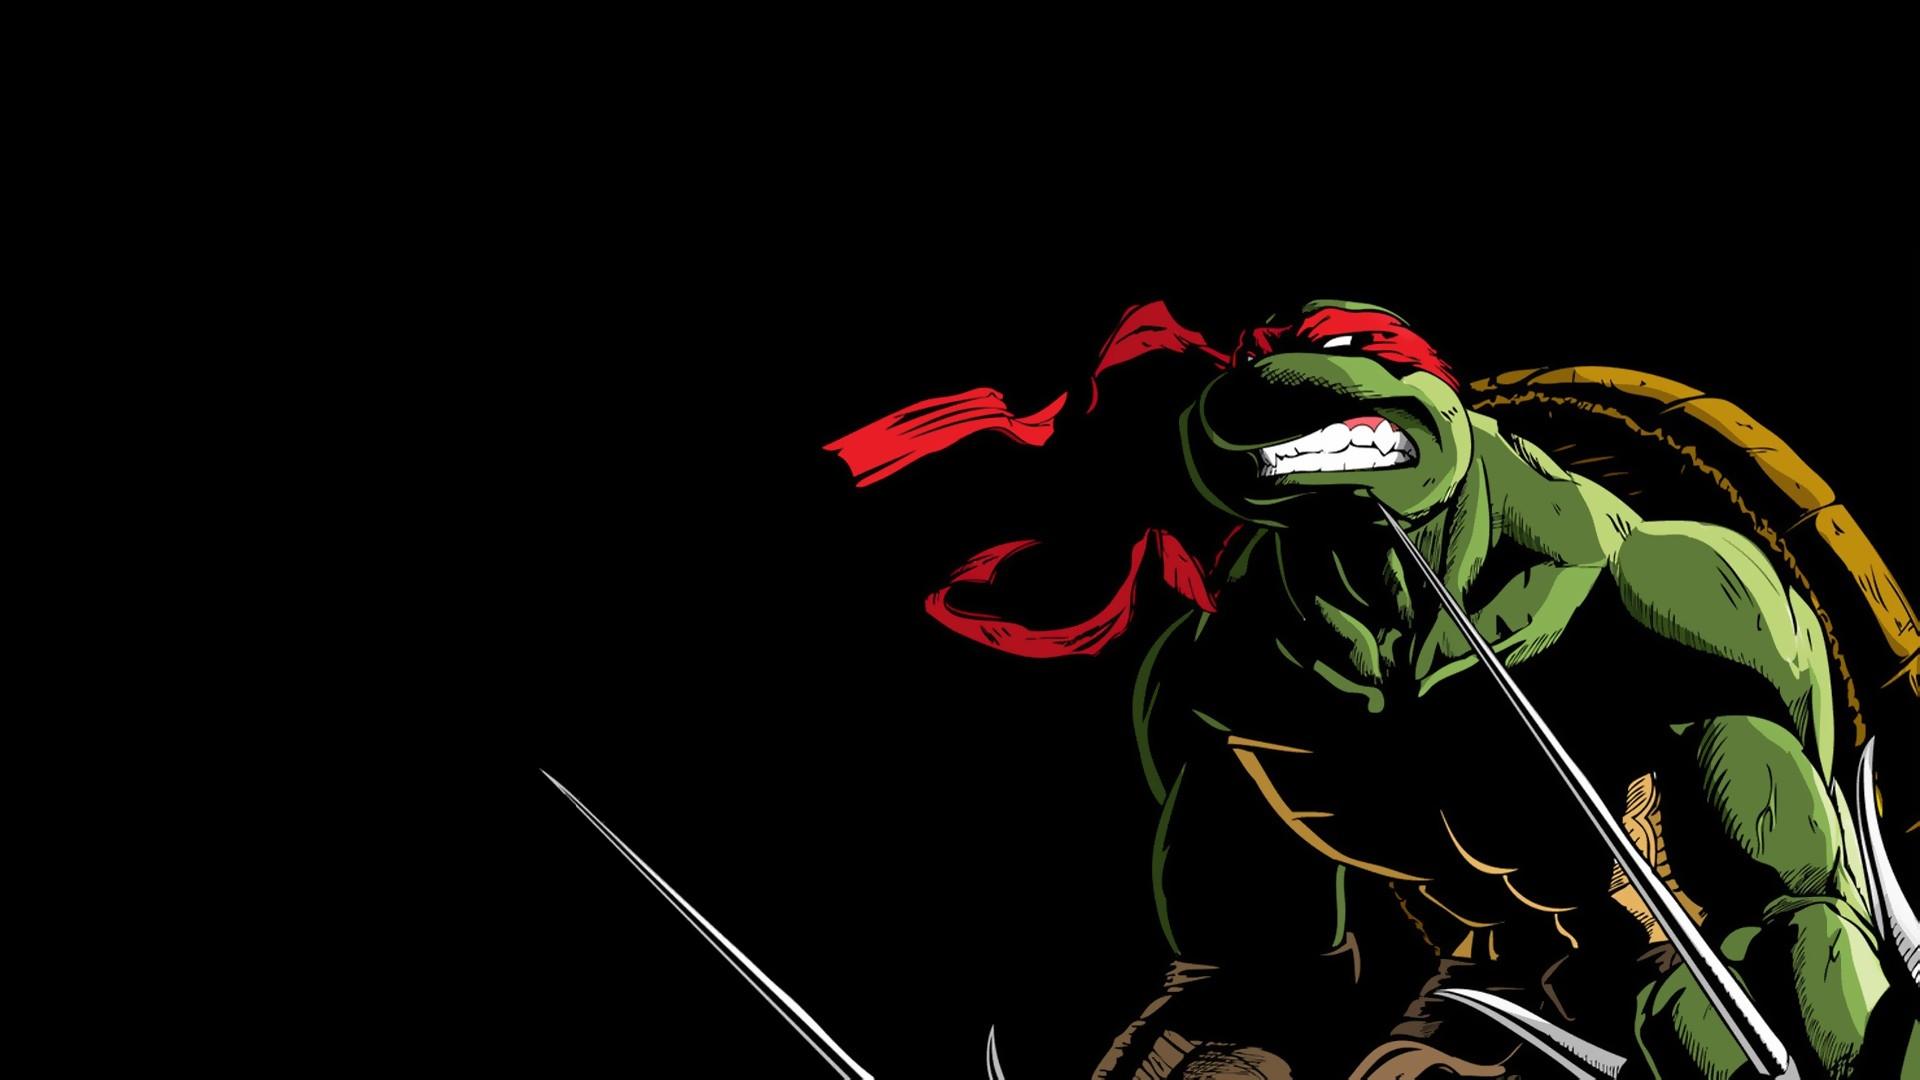 Teenage Mutant Ninja Turtles Raphael - HD Wallpaper